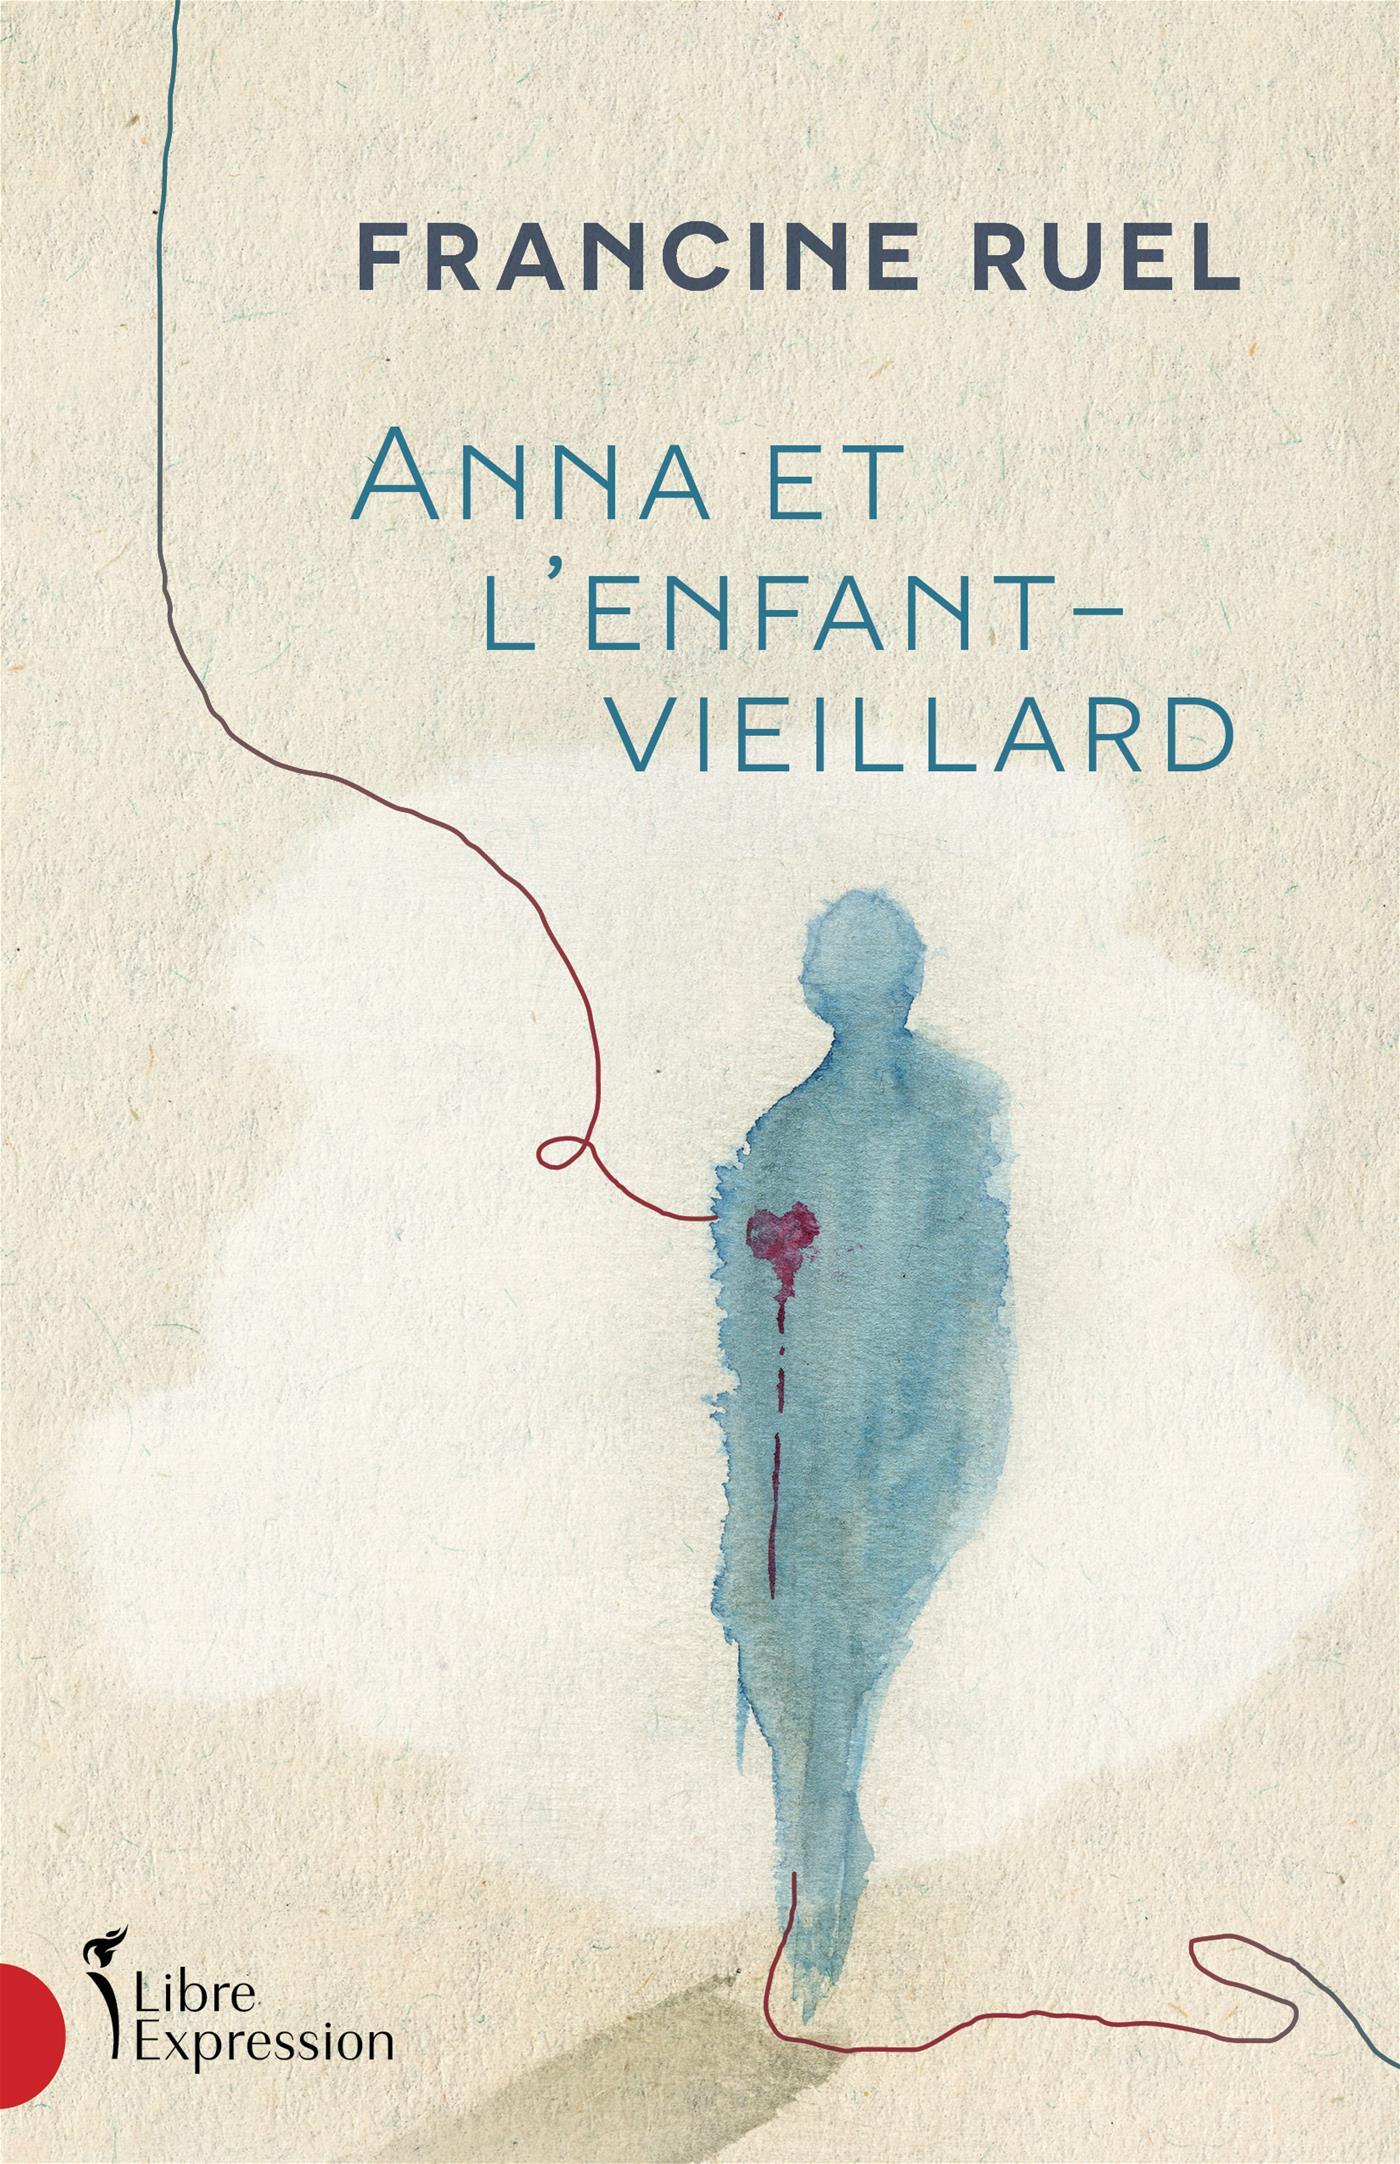 Cover Image of Anna et l'enfant-vieillard